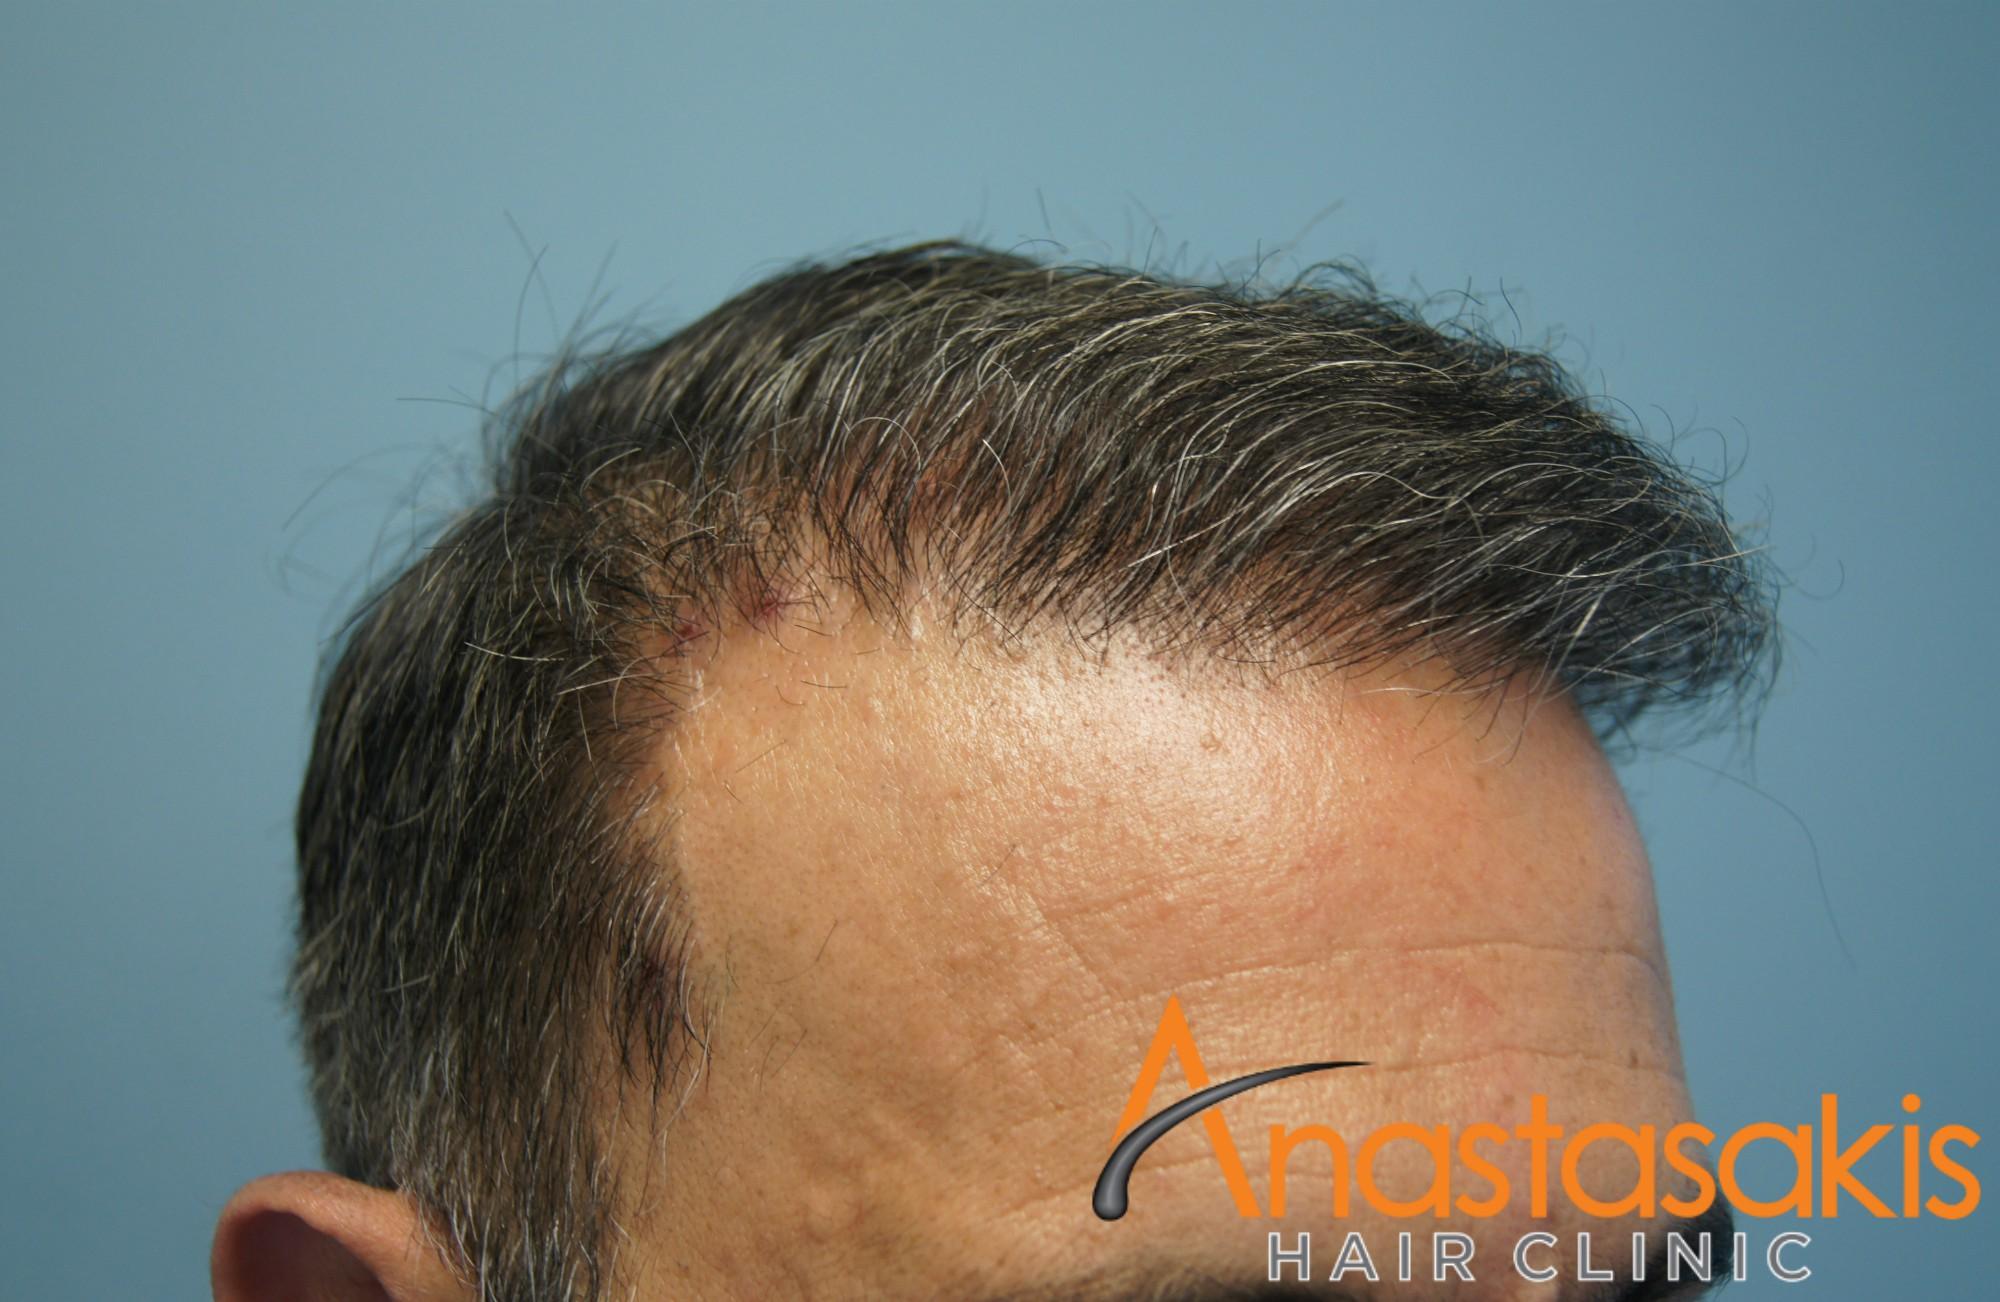 δεξι προφιλ 2 ασθενους μετα τη μεταμοσχευση μαλλιων με 3000 fus